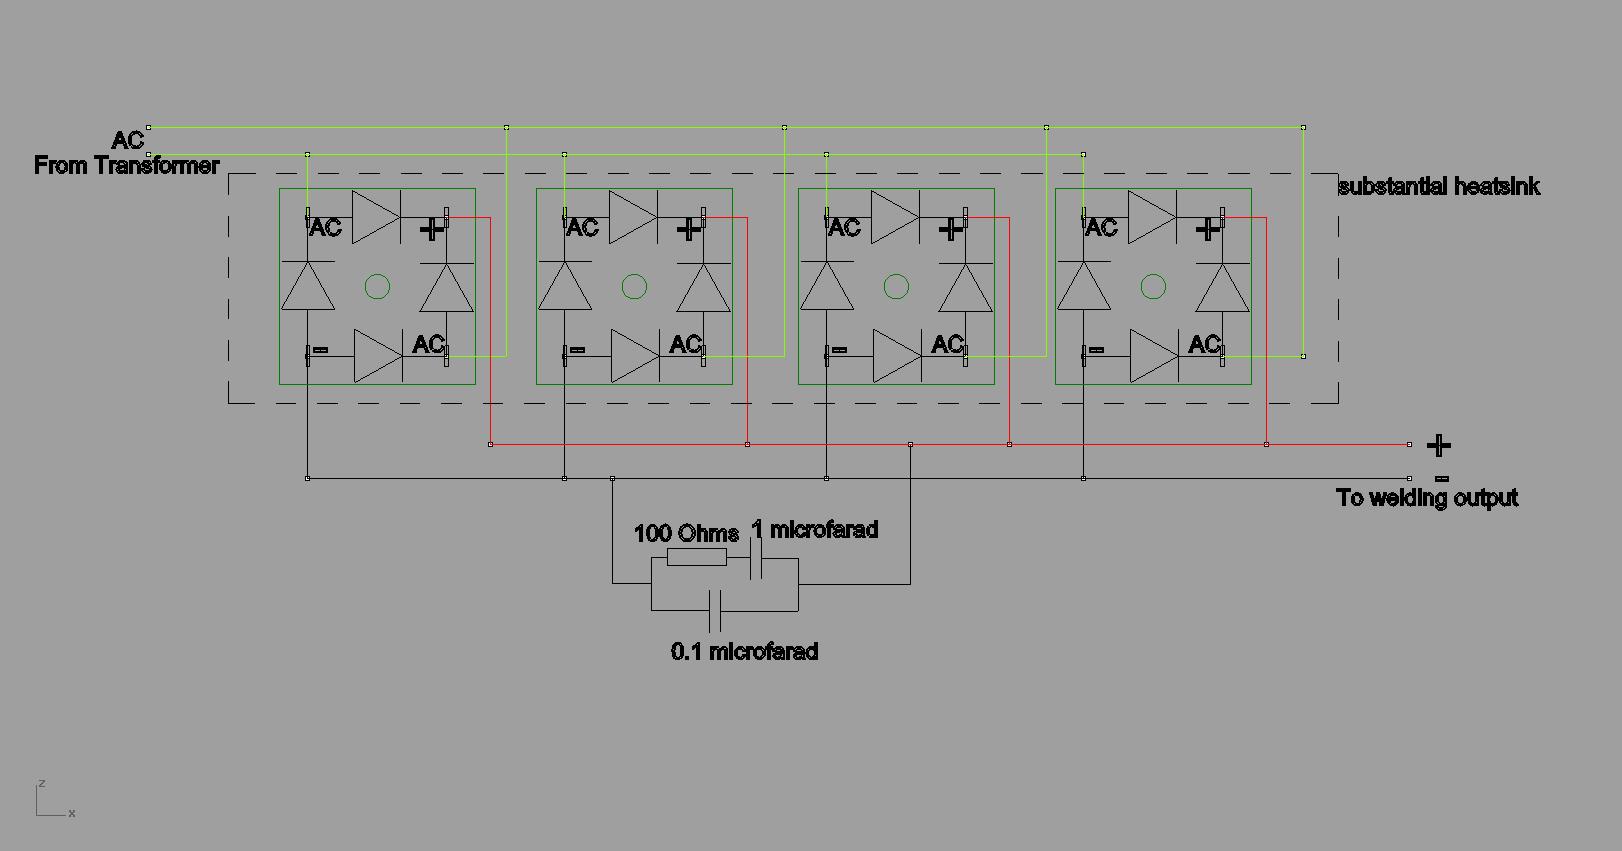 replacment rectifier for mig welder boat design net RL Circuit Diagram